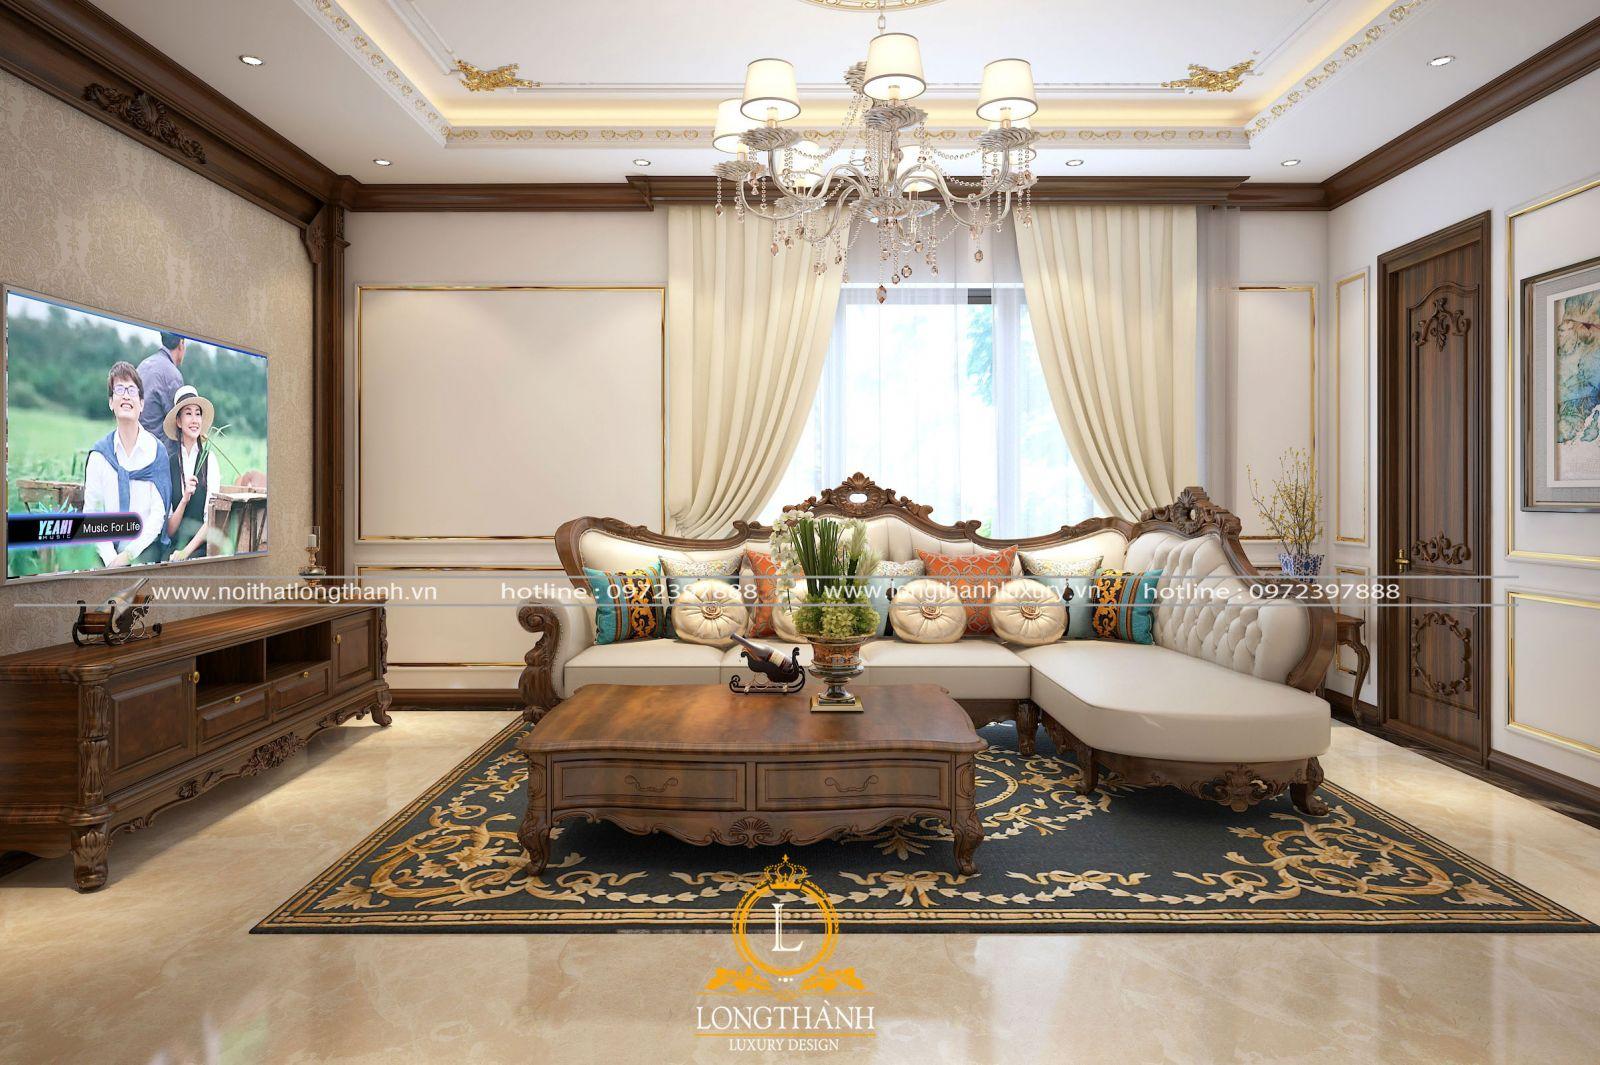 Sofa góc cho phòng khách chung cư cao cấp